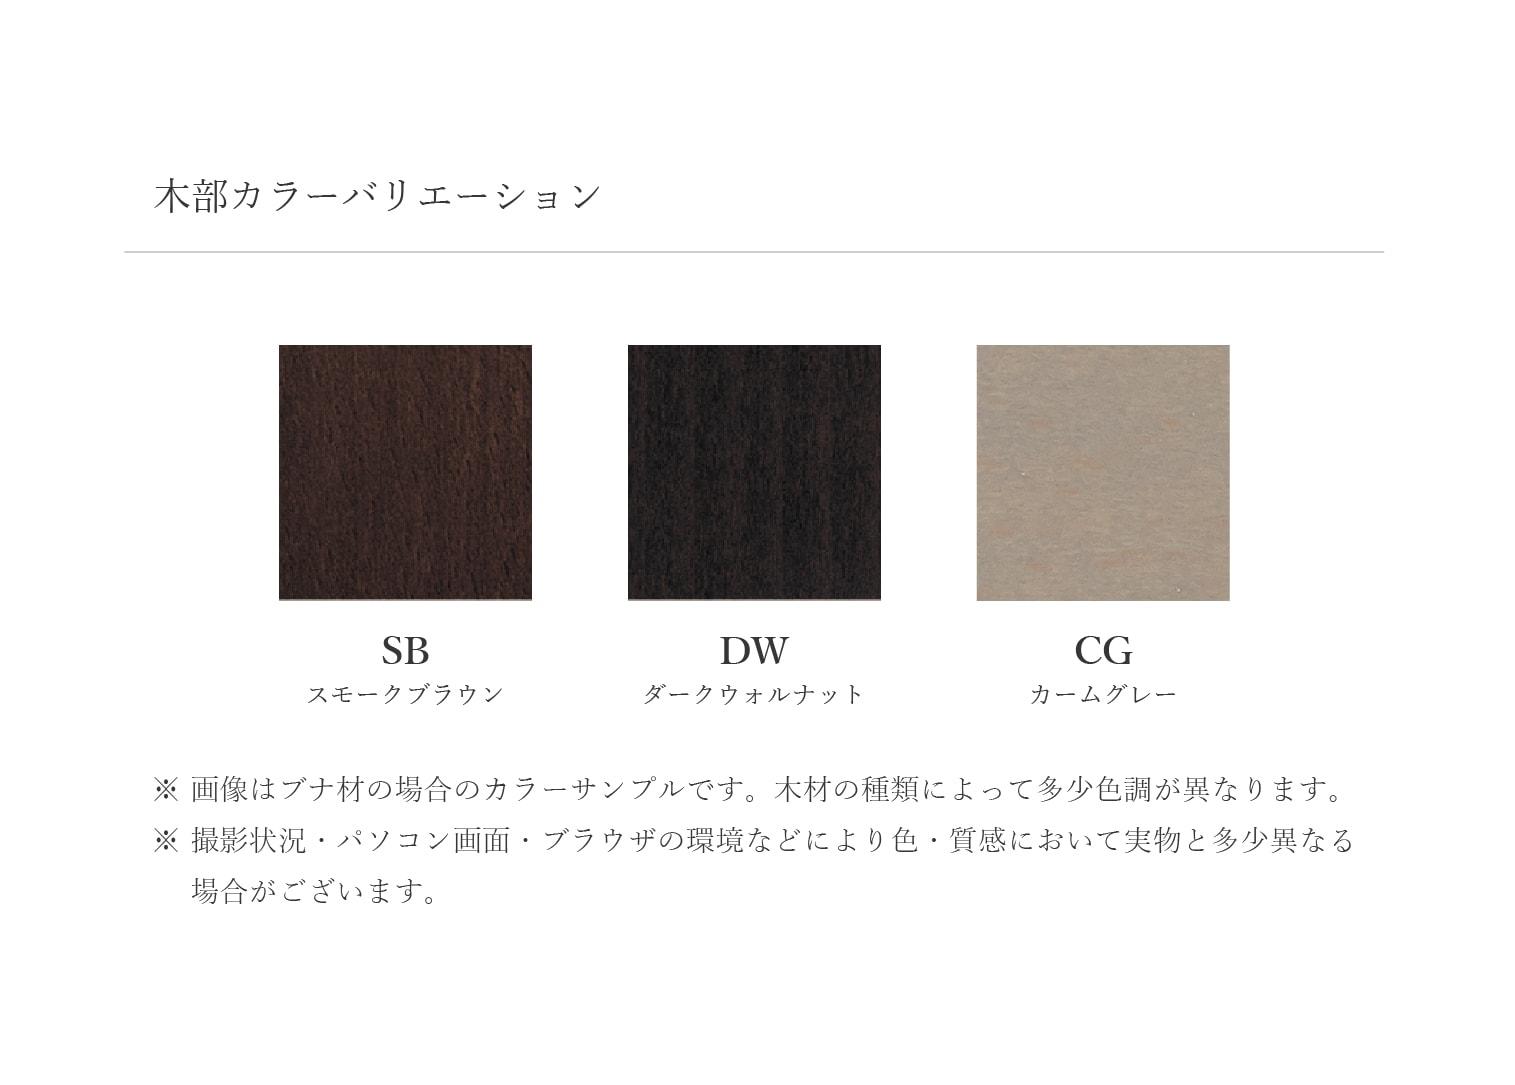 VT-169 木部カラー